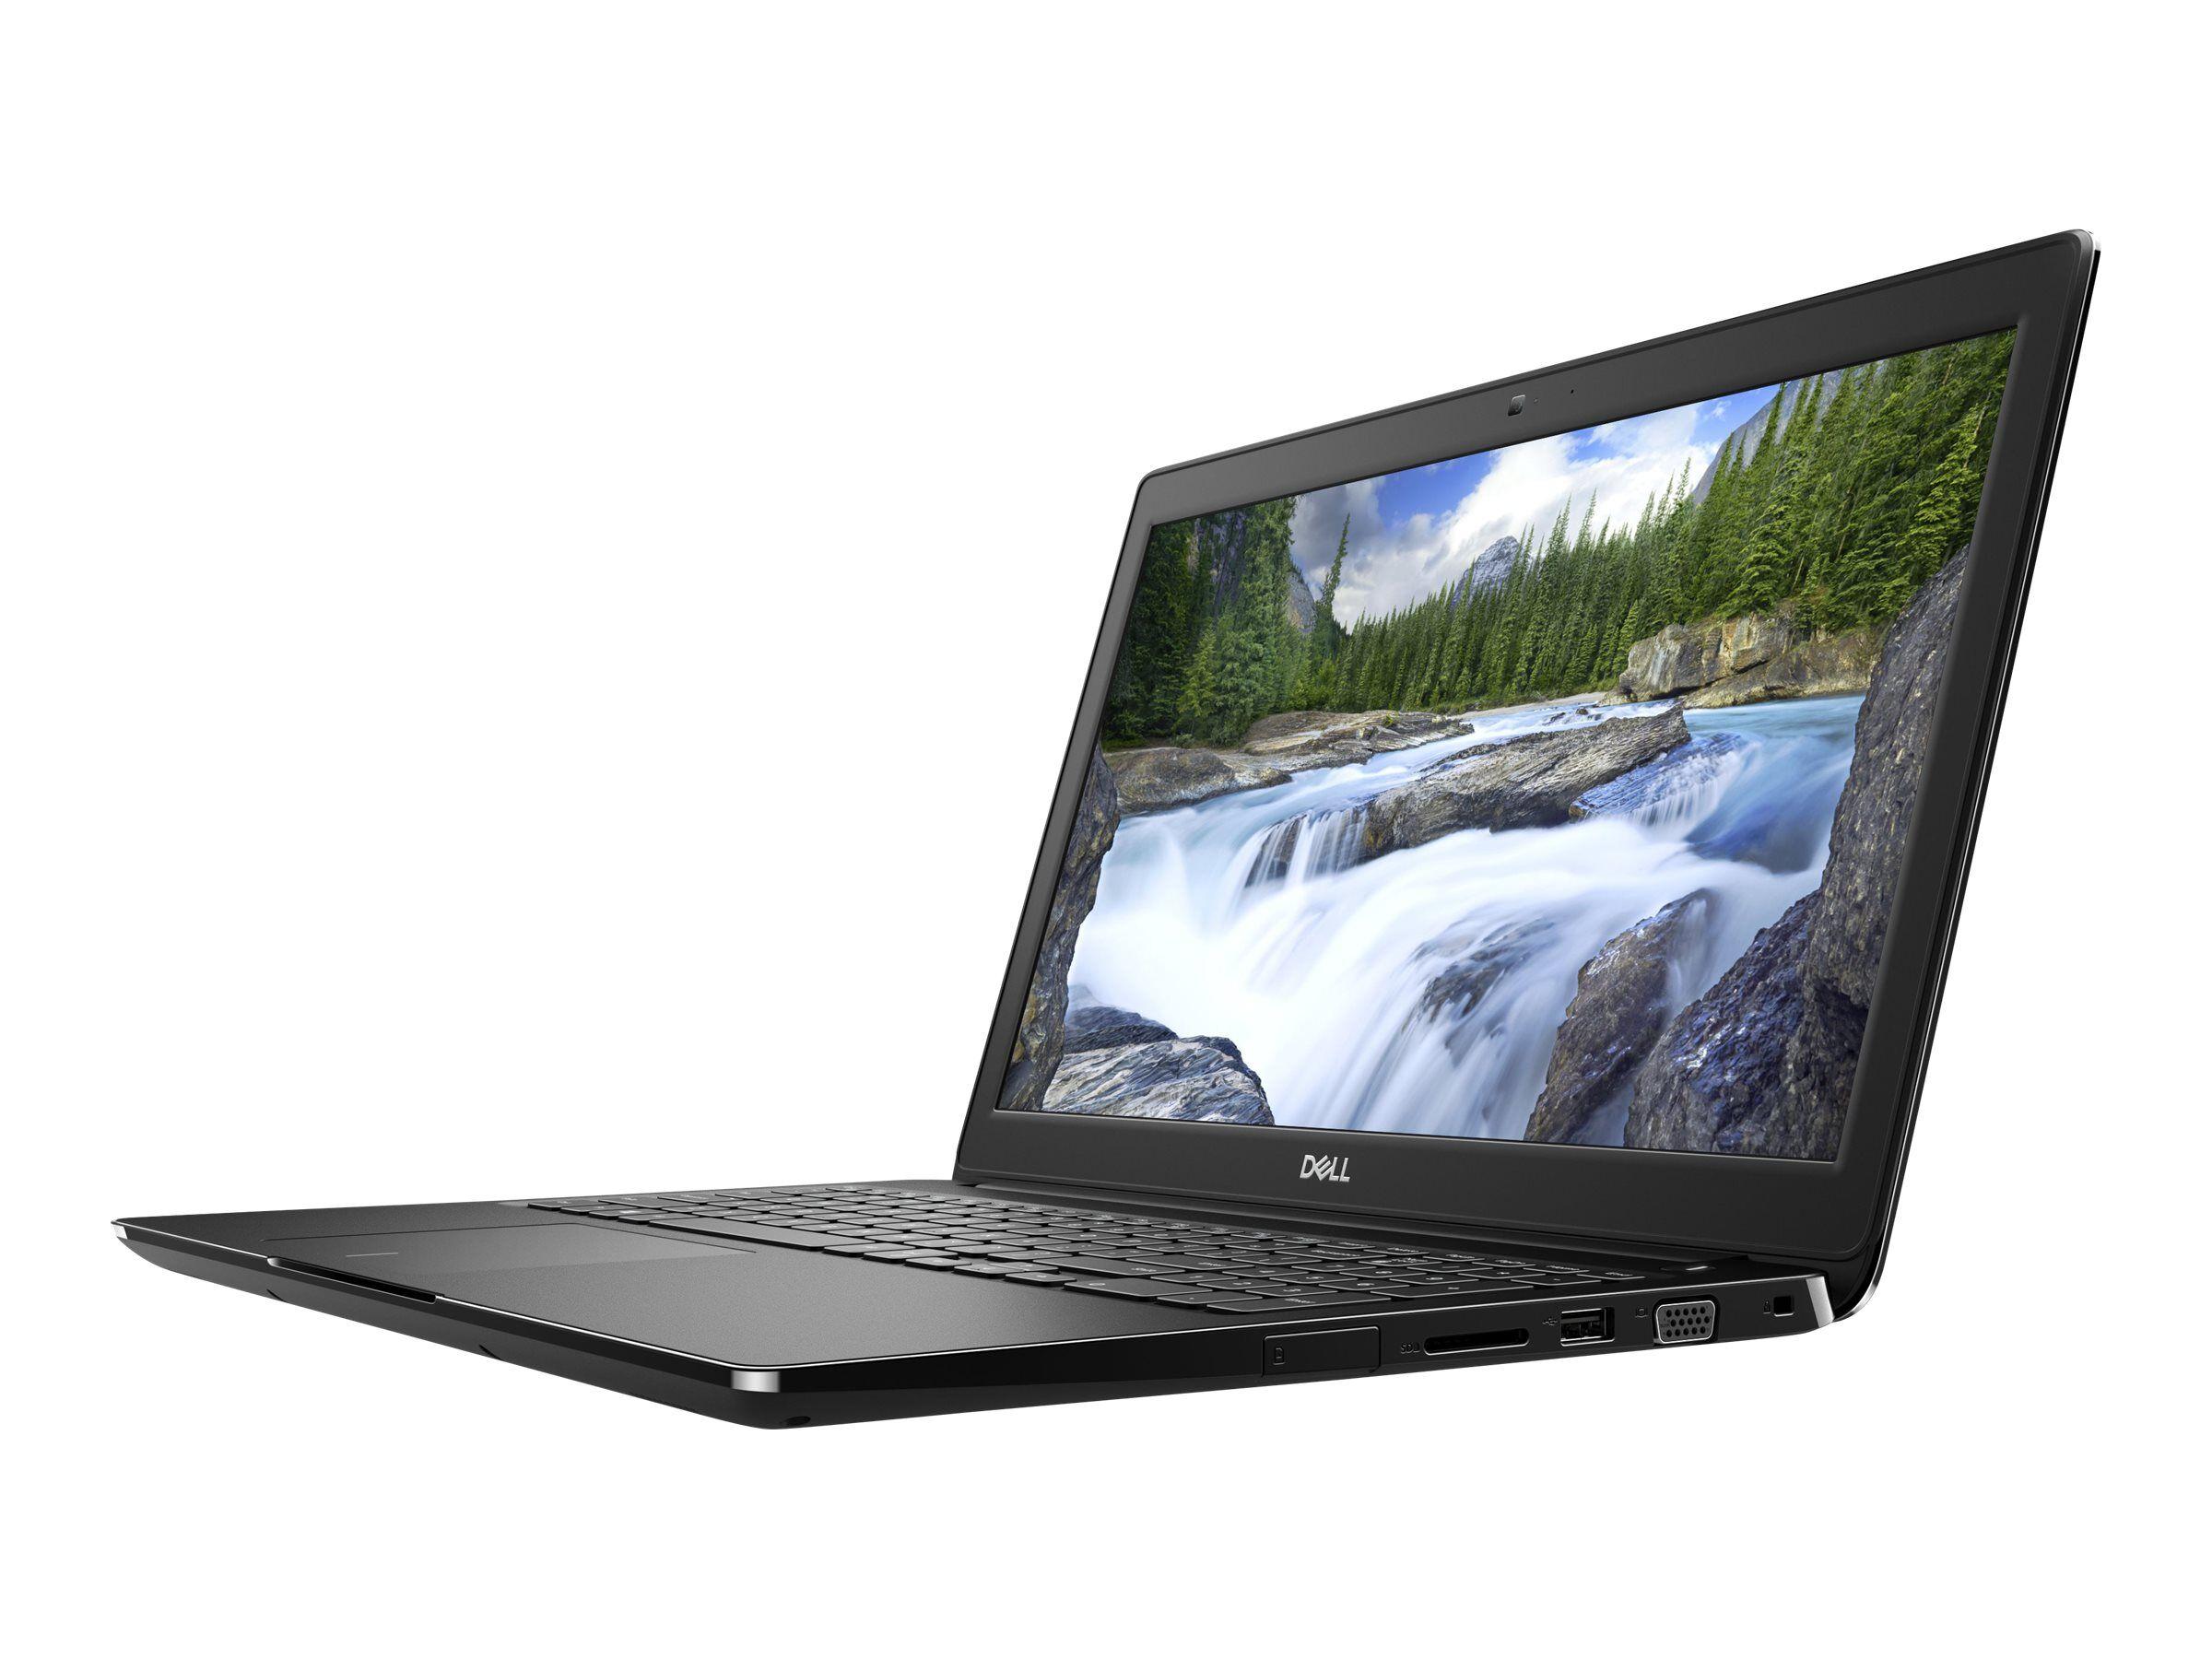 Dell Latitude 3500 - Core i5 8265U / 1.6 GHz - Win 10 Pro 64 bits - 8 Go RAM - 128 Go SSD - 15.6